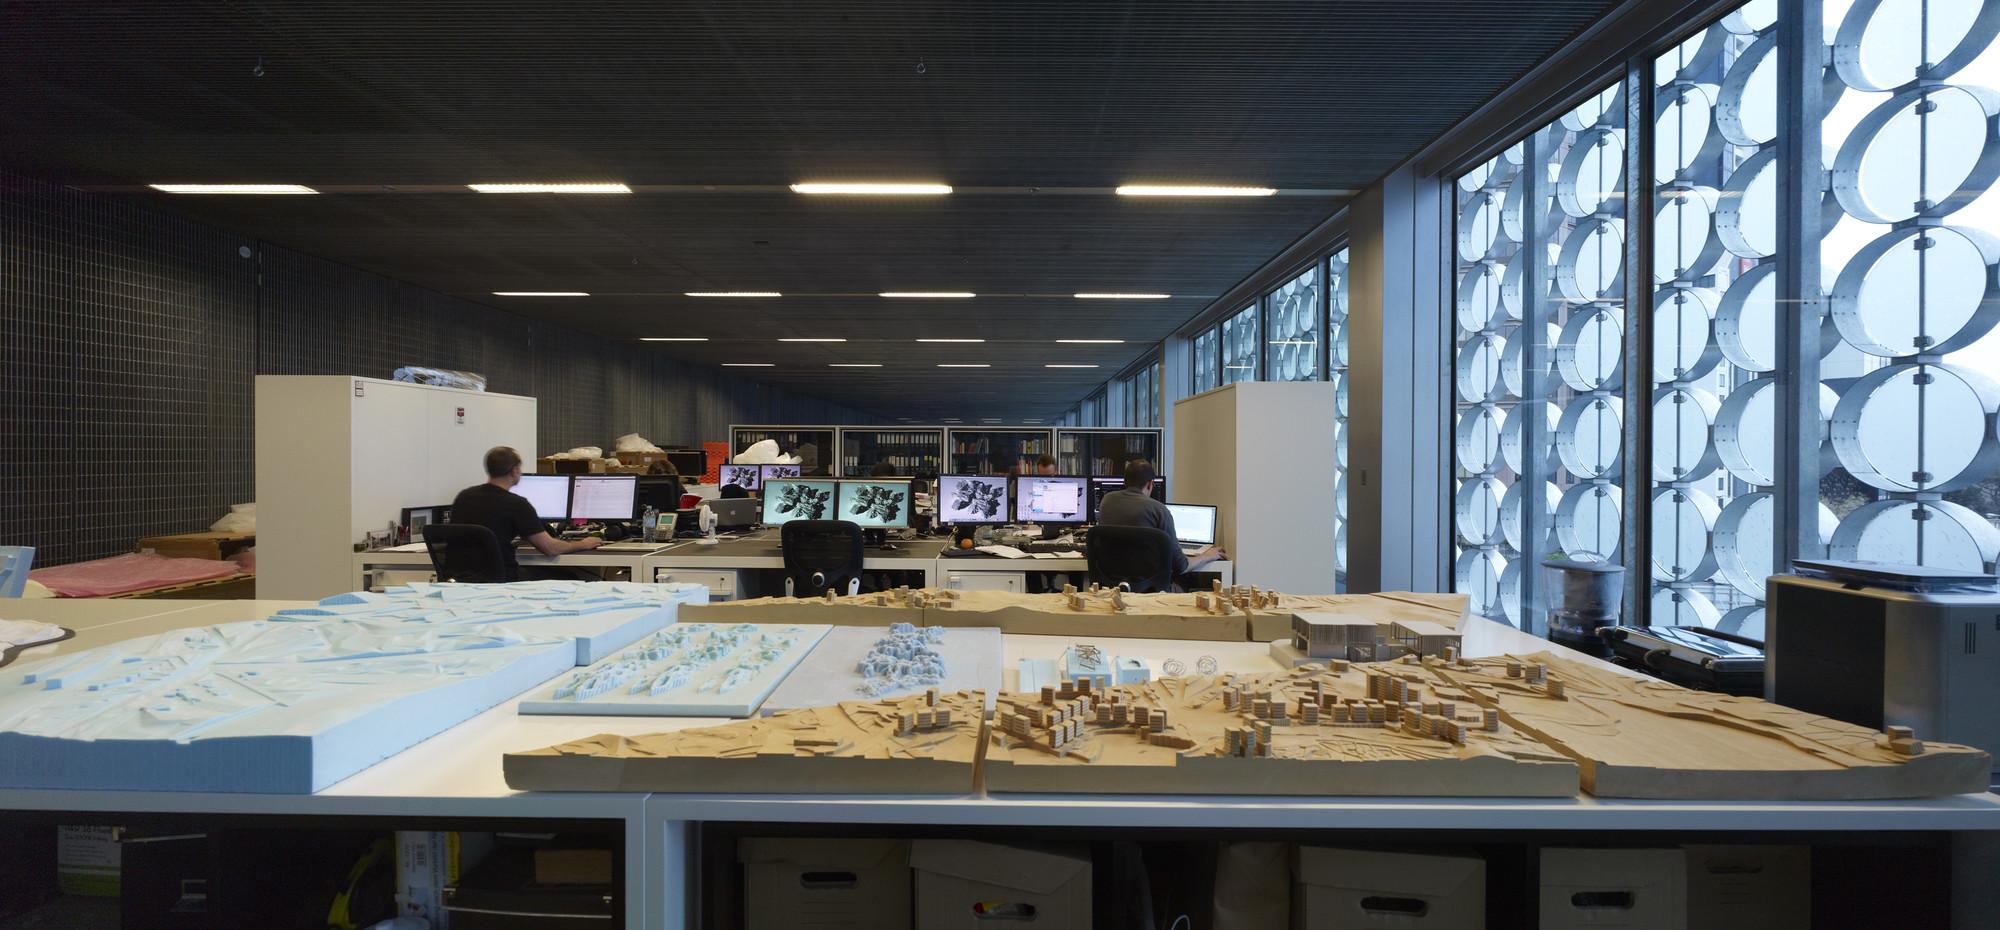 RMIT Design Hub Sean Godsell ArchDaily